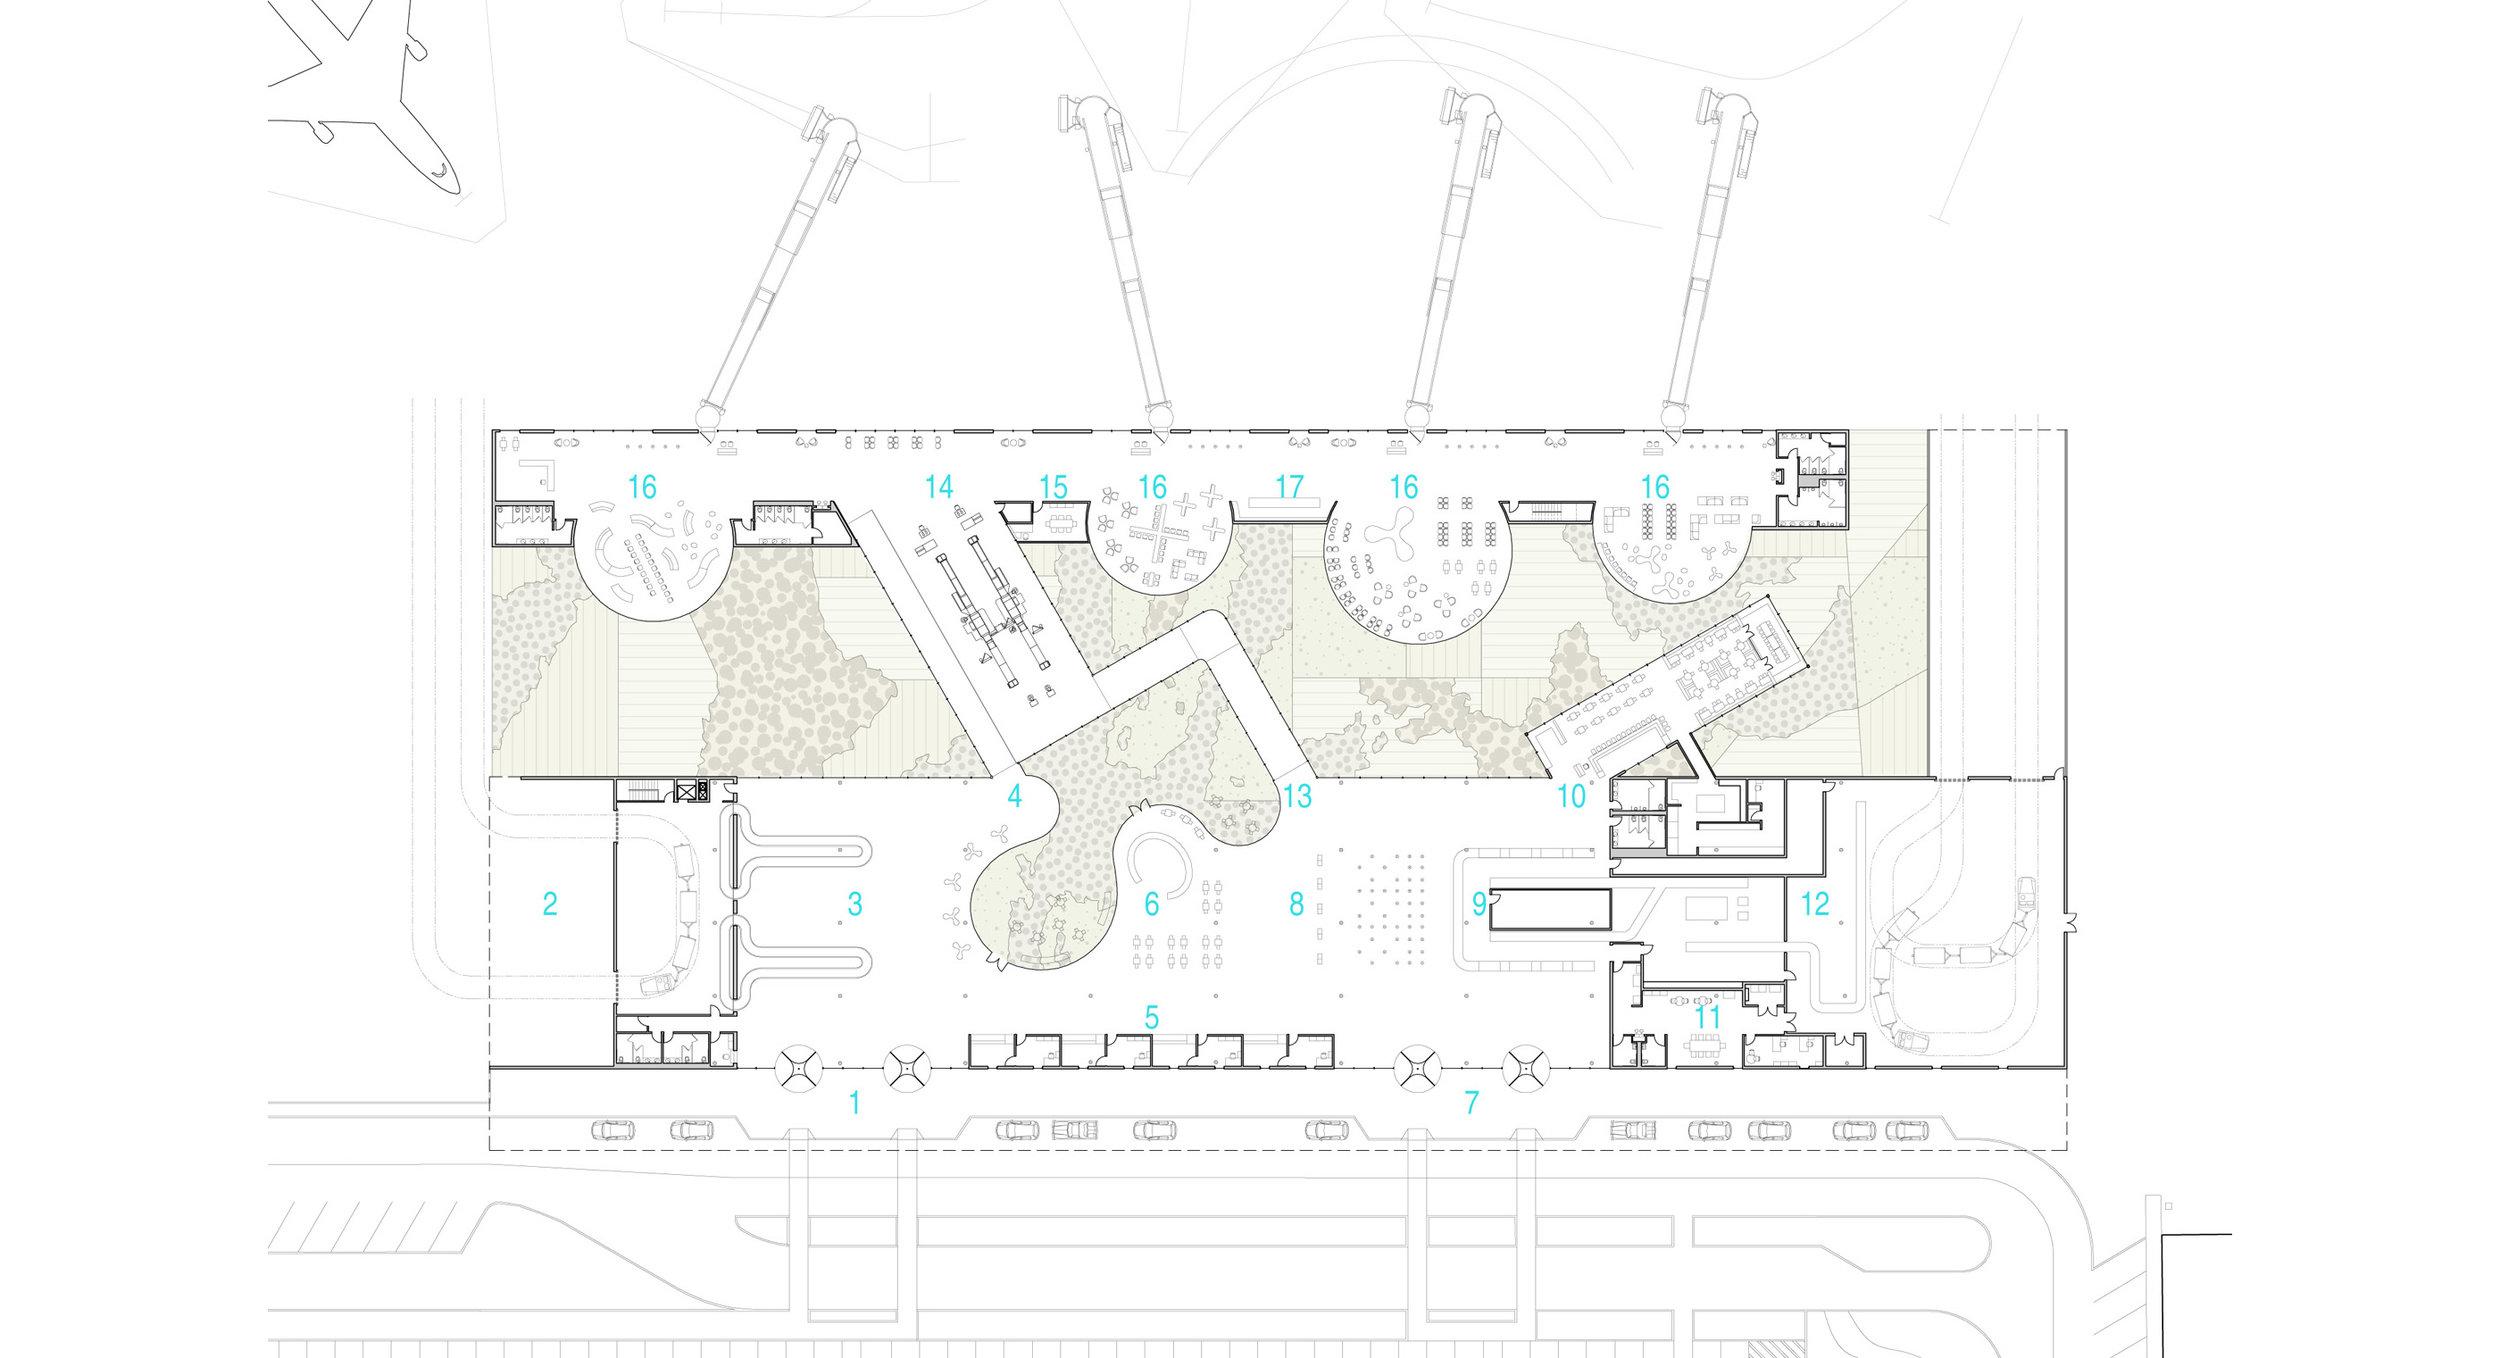 Elmira_Floor Plan_small wide.jpg